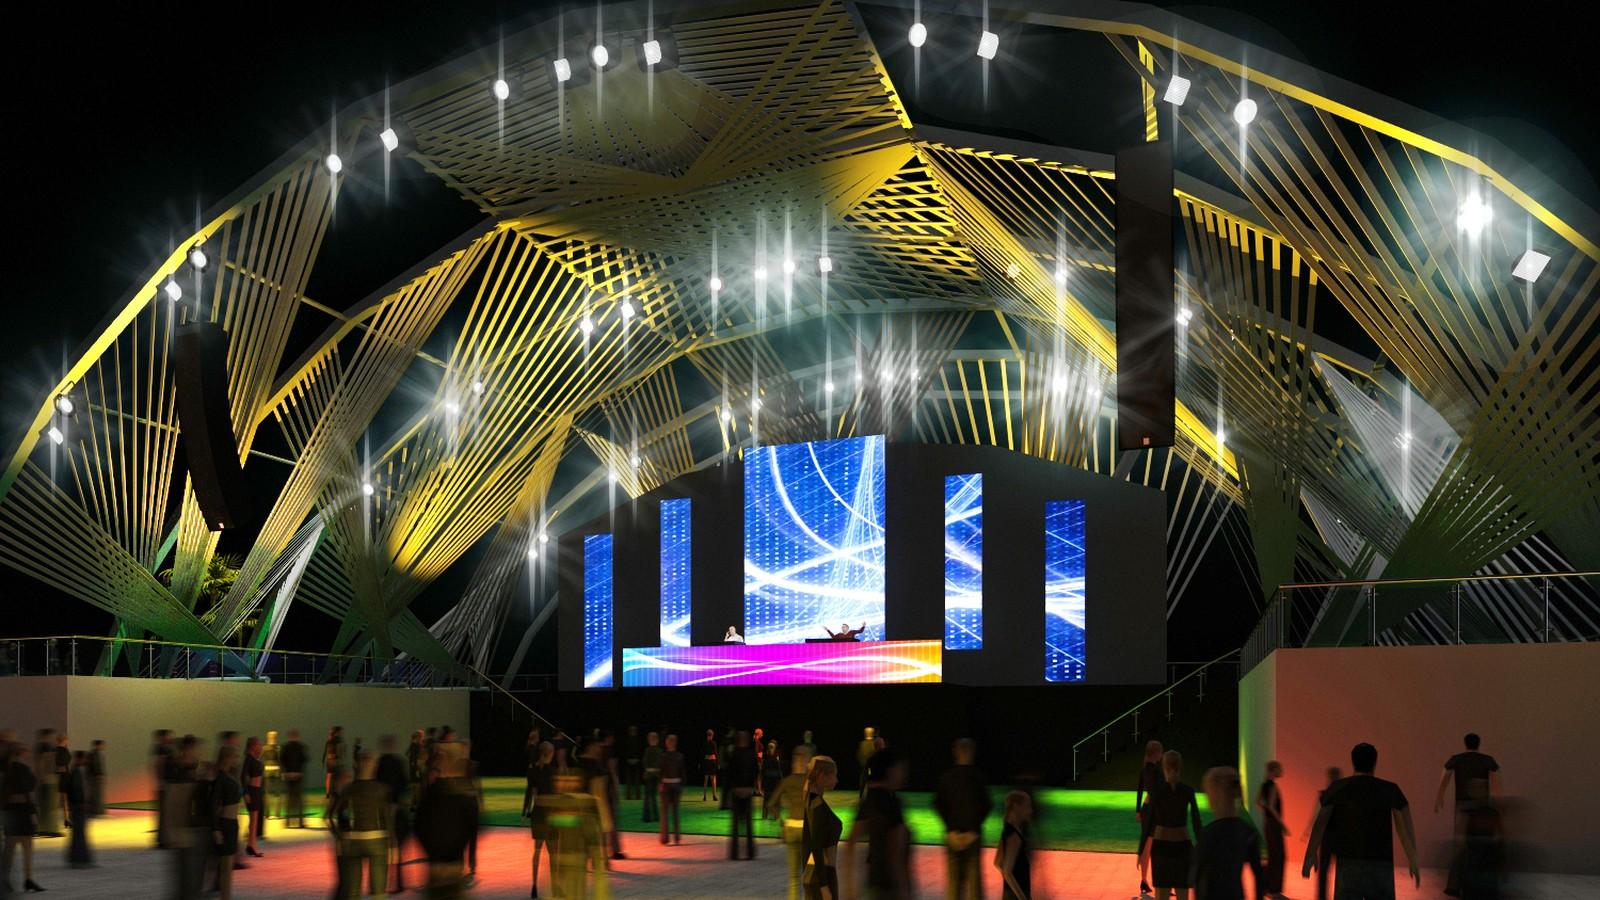 rock-in-rio-mostra-projeto-de-palco-eletronico